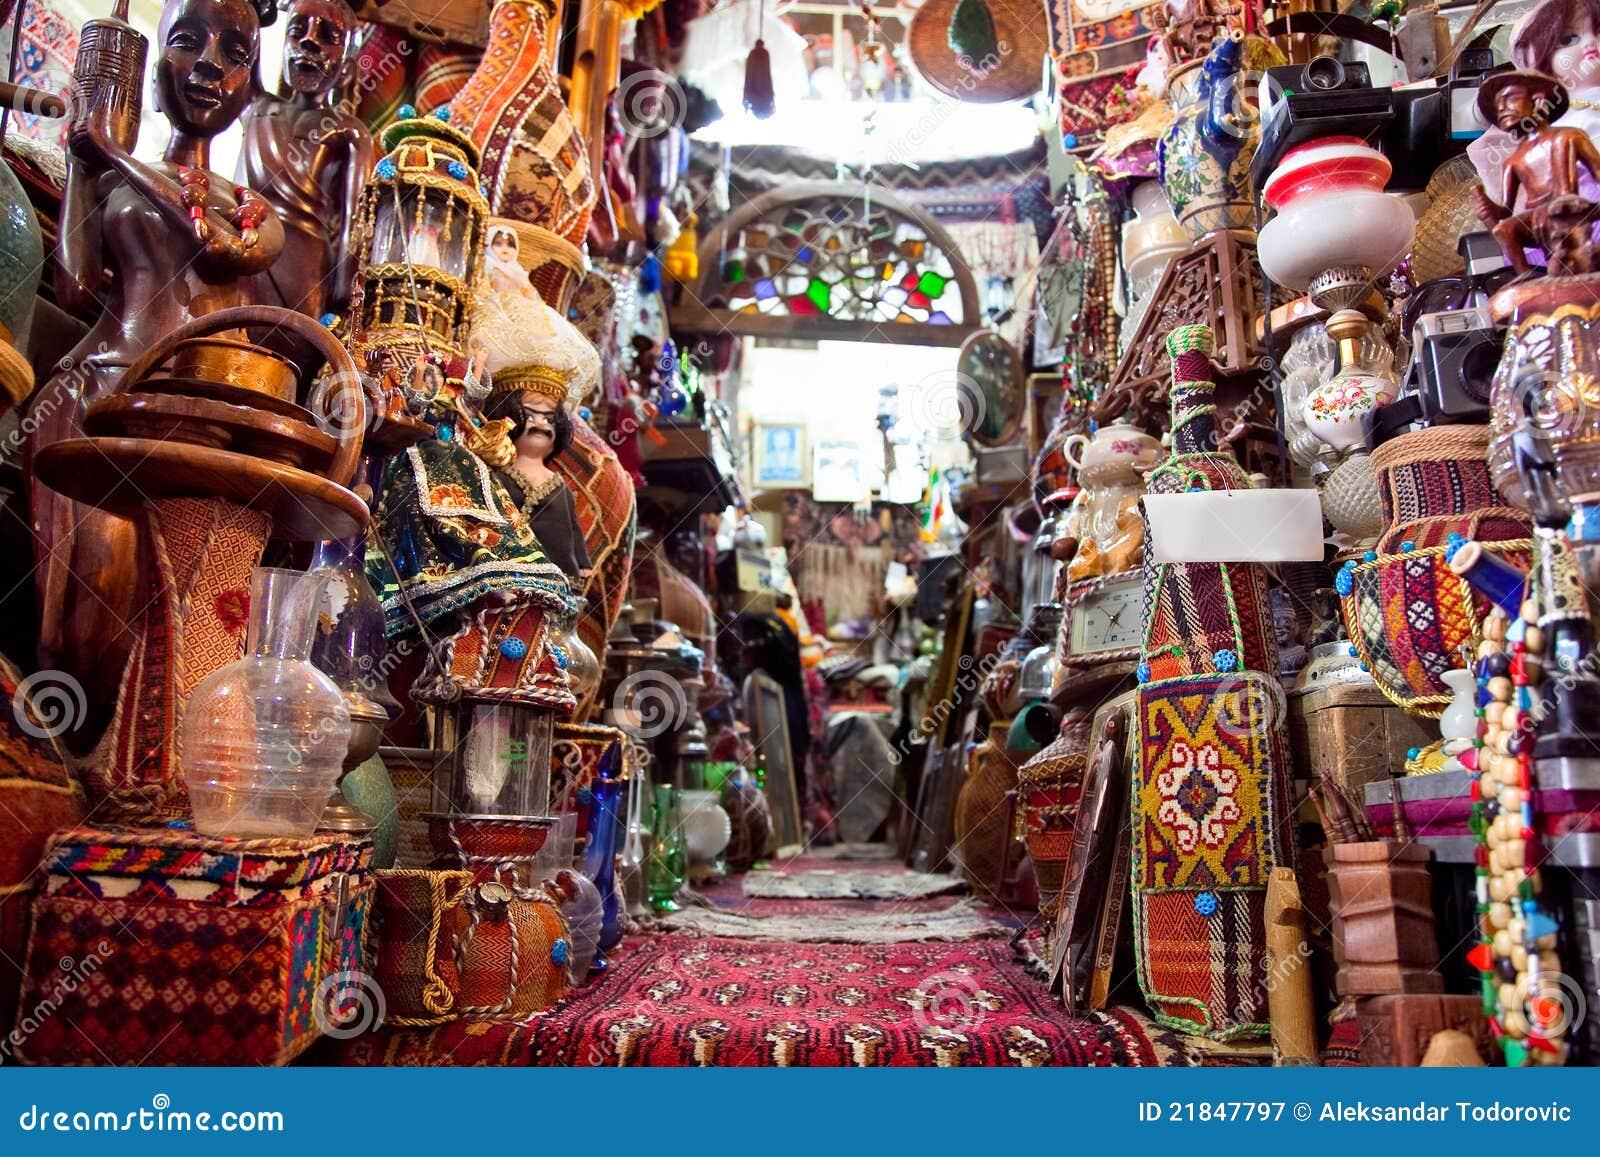 Shop Of Persian Carpets, Shiraz, Iran Royalty Free Stock ...